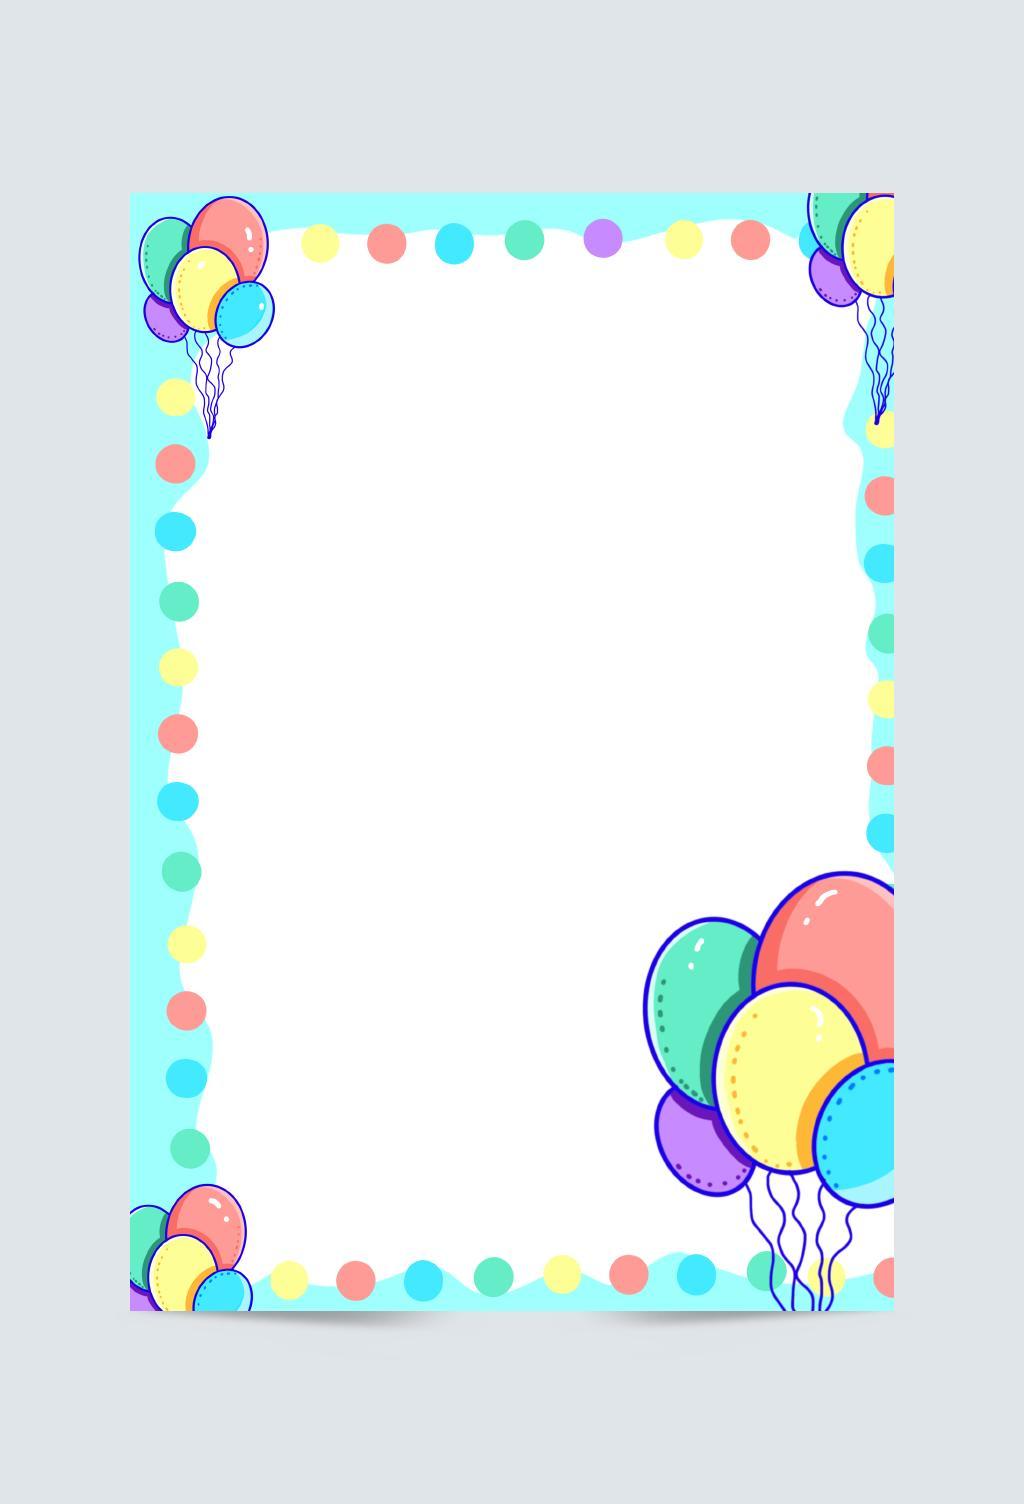 彩虹色气球卡通可爱儿童元素背景